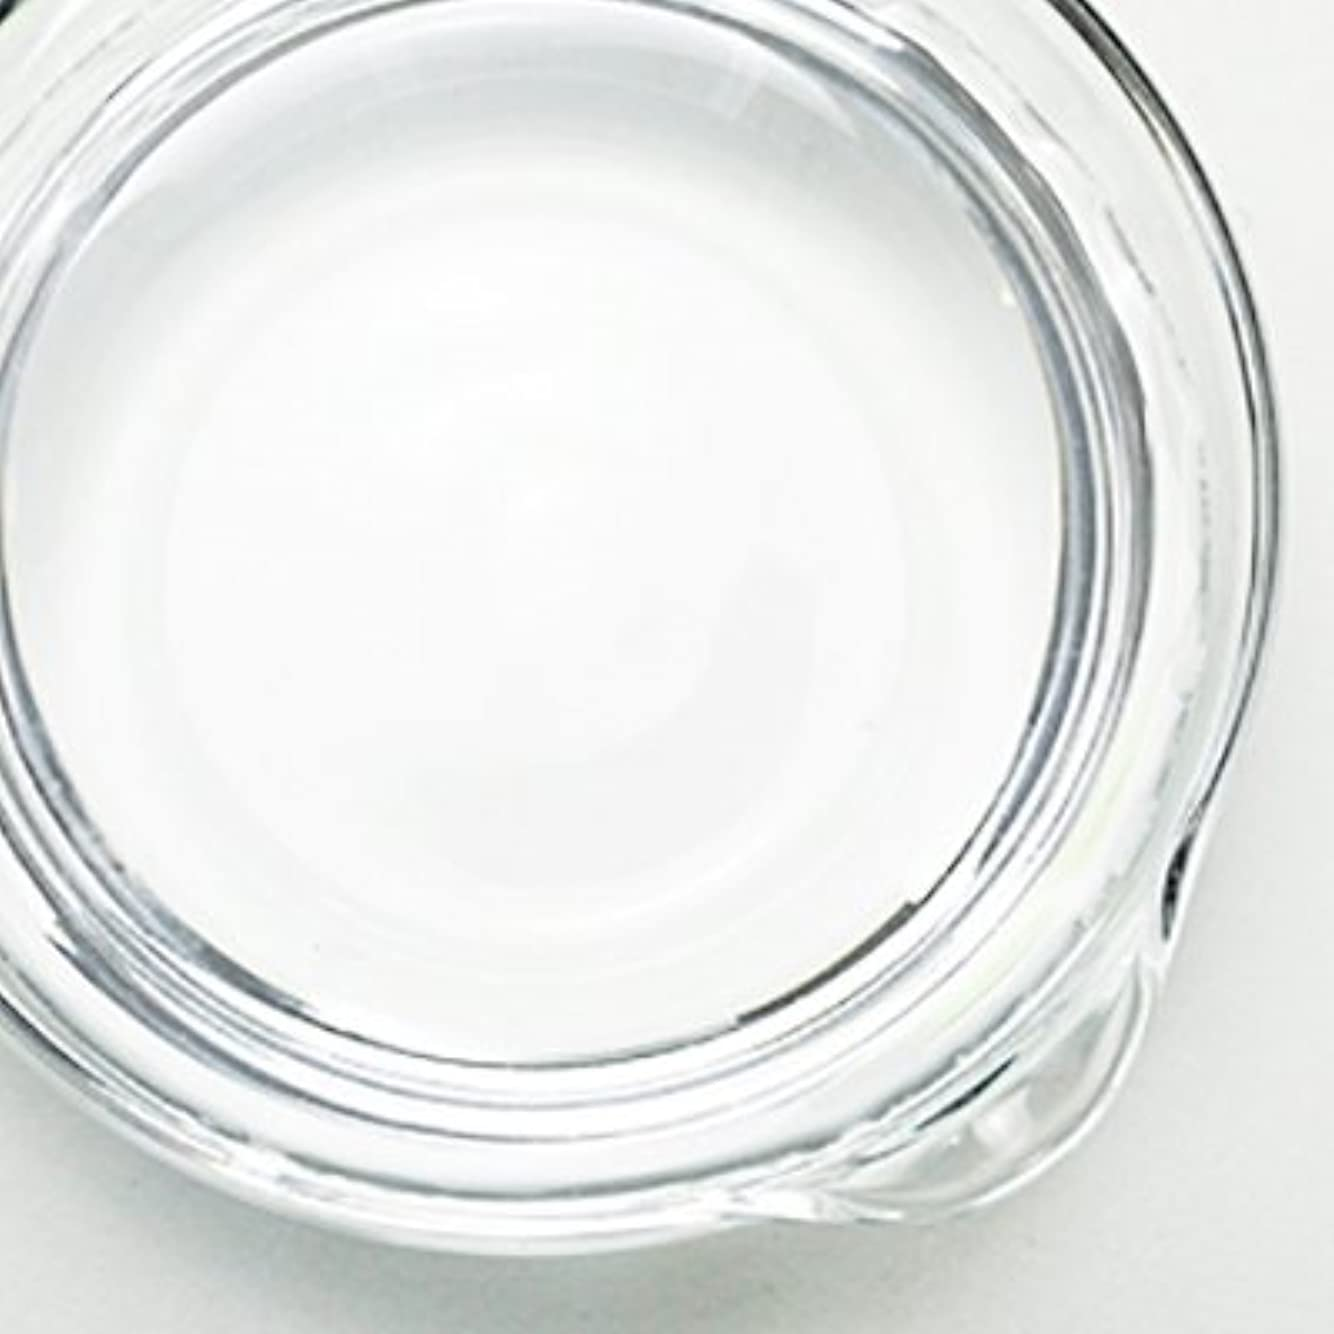 形スポークスマン弱い1,3-ブチレングリコール[BG] 500ml 【手作り石鹸/手作りコスメ】